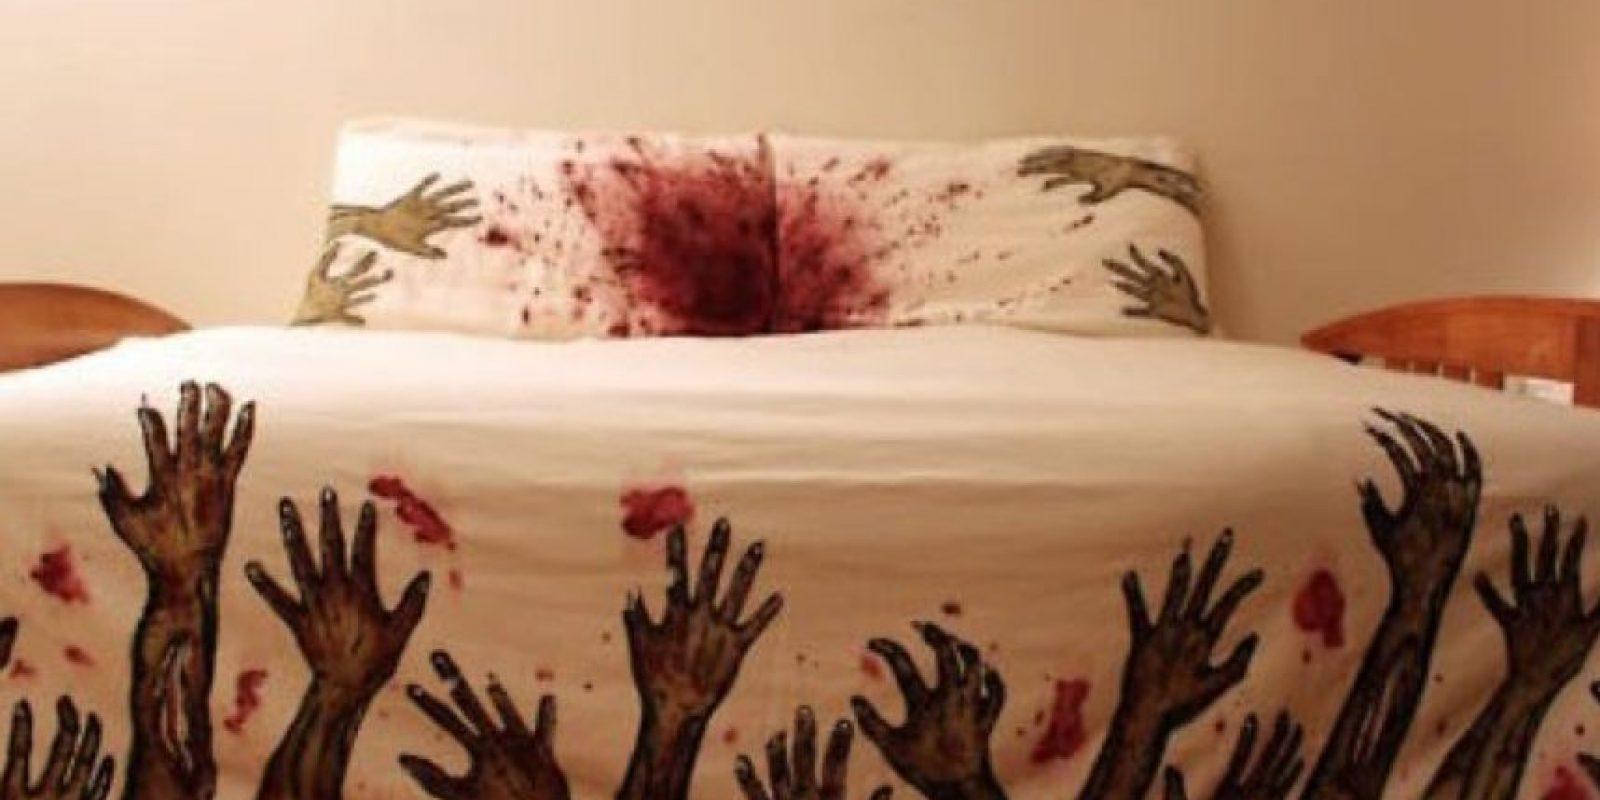 Ropa para cama con estampado zombie Foto:ideasregalos